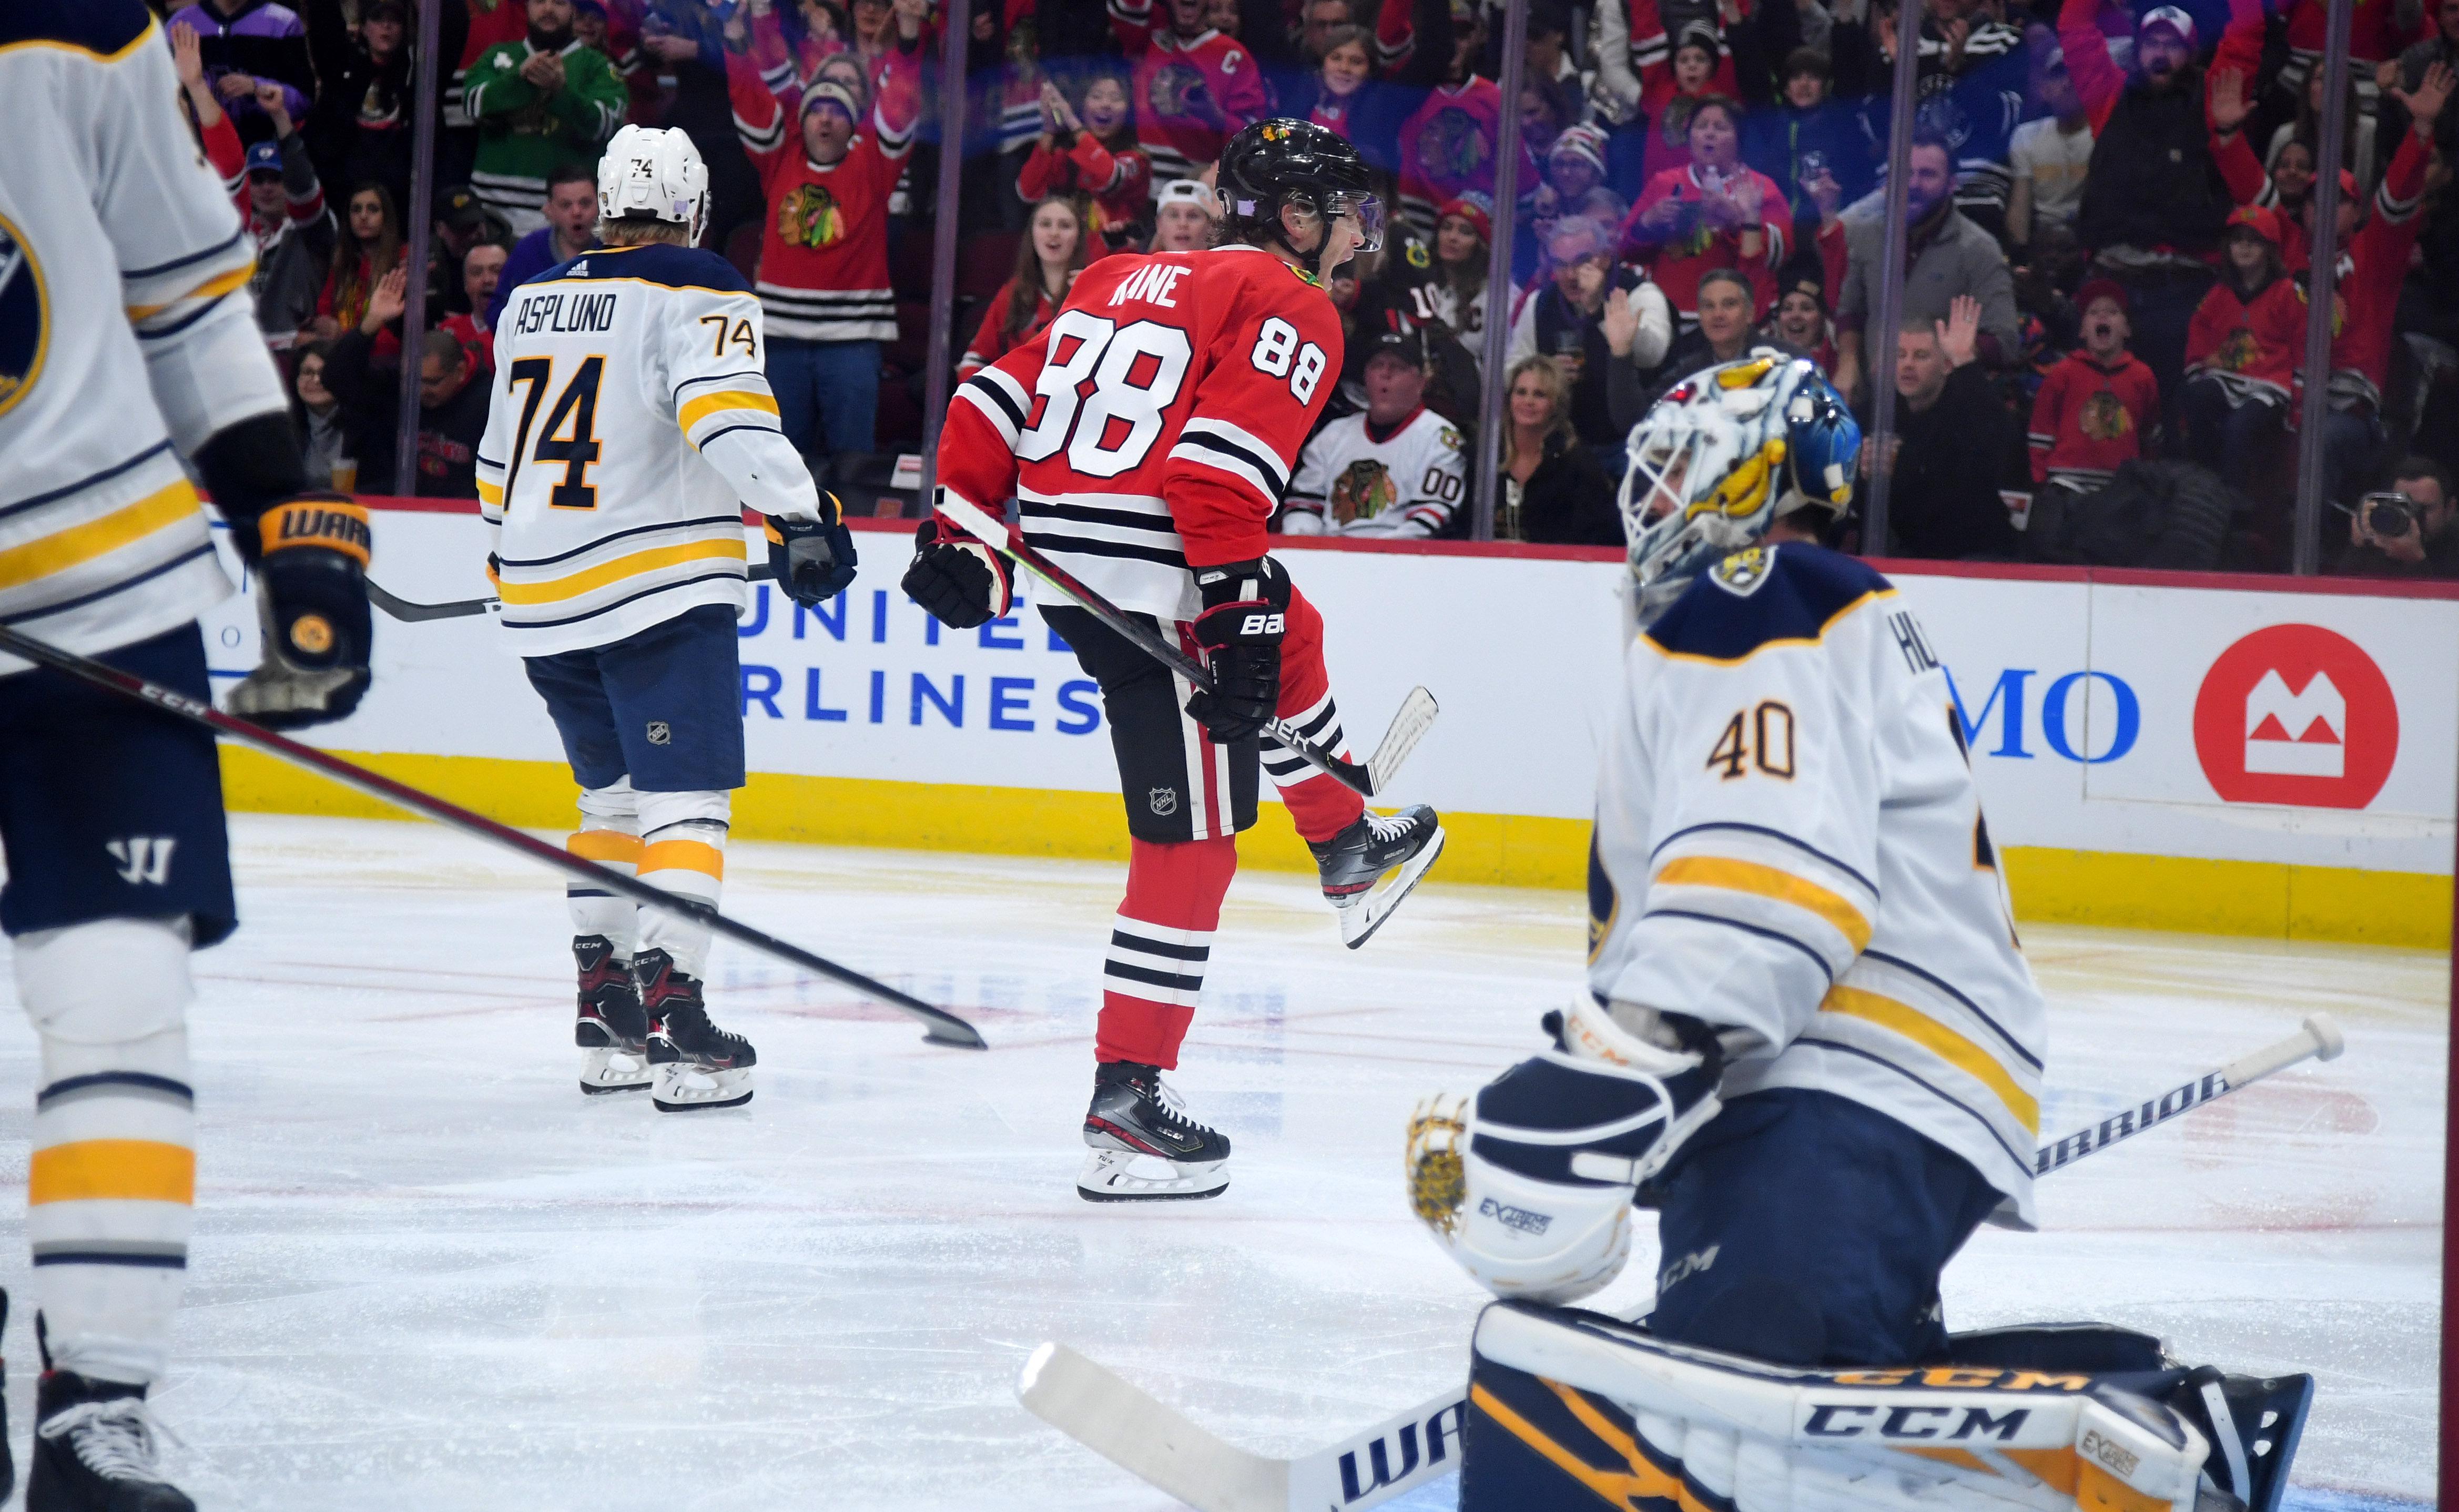 NHL: Buffalo Sabres at Chicago Blackhawks